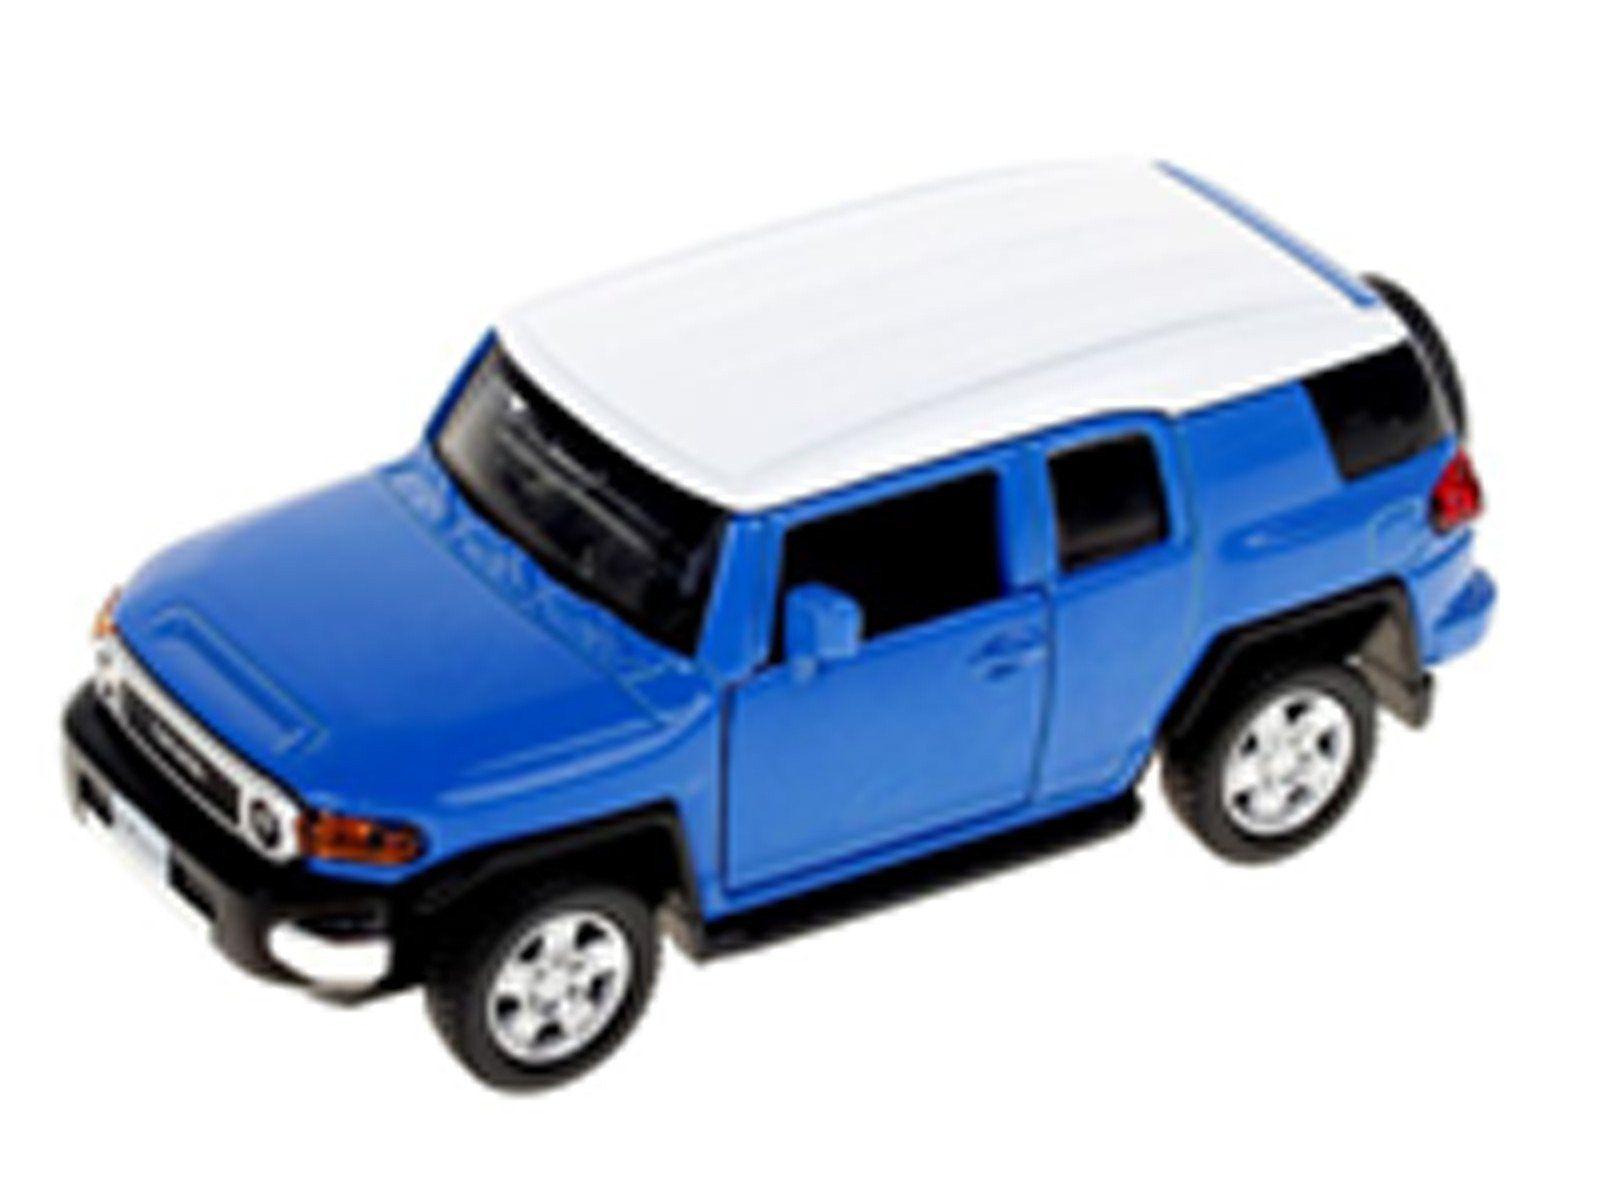 Коллекционная игровая модель Toyota FJ Cruiser, миксМашинки<br>Игрушка предназначена для детей старше 3-х лет.Машинки представлены в ассортименте. Выбор конкретных цветов и моделей не предоставляется.Материал: металл, пластмасса.<br><br>Год: 2018<br>Высота: 50<br>Ширина: 110<br>Толщина: 35